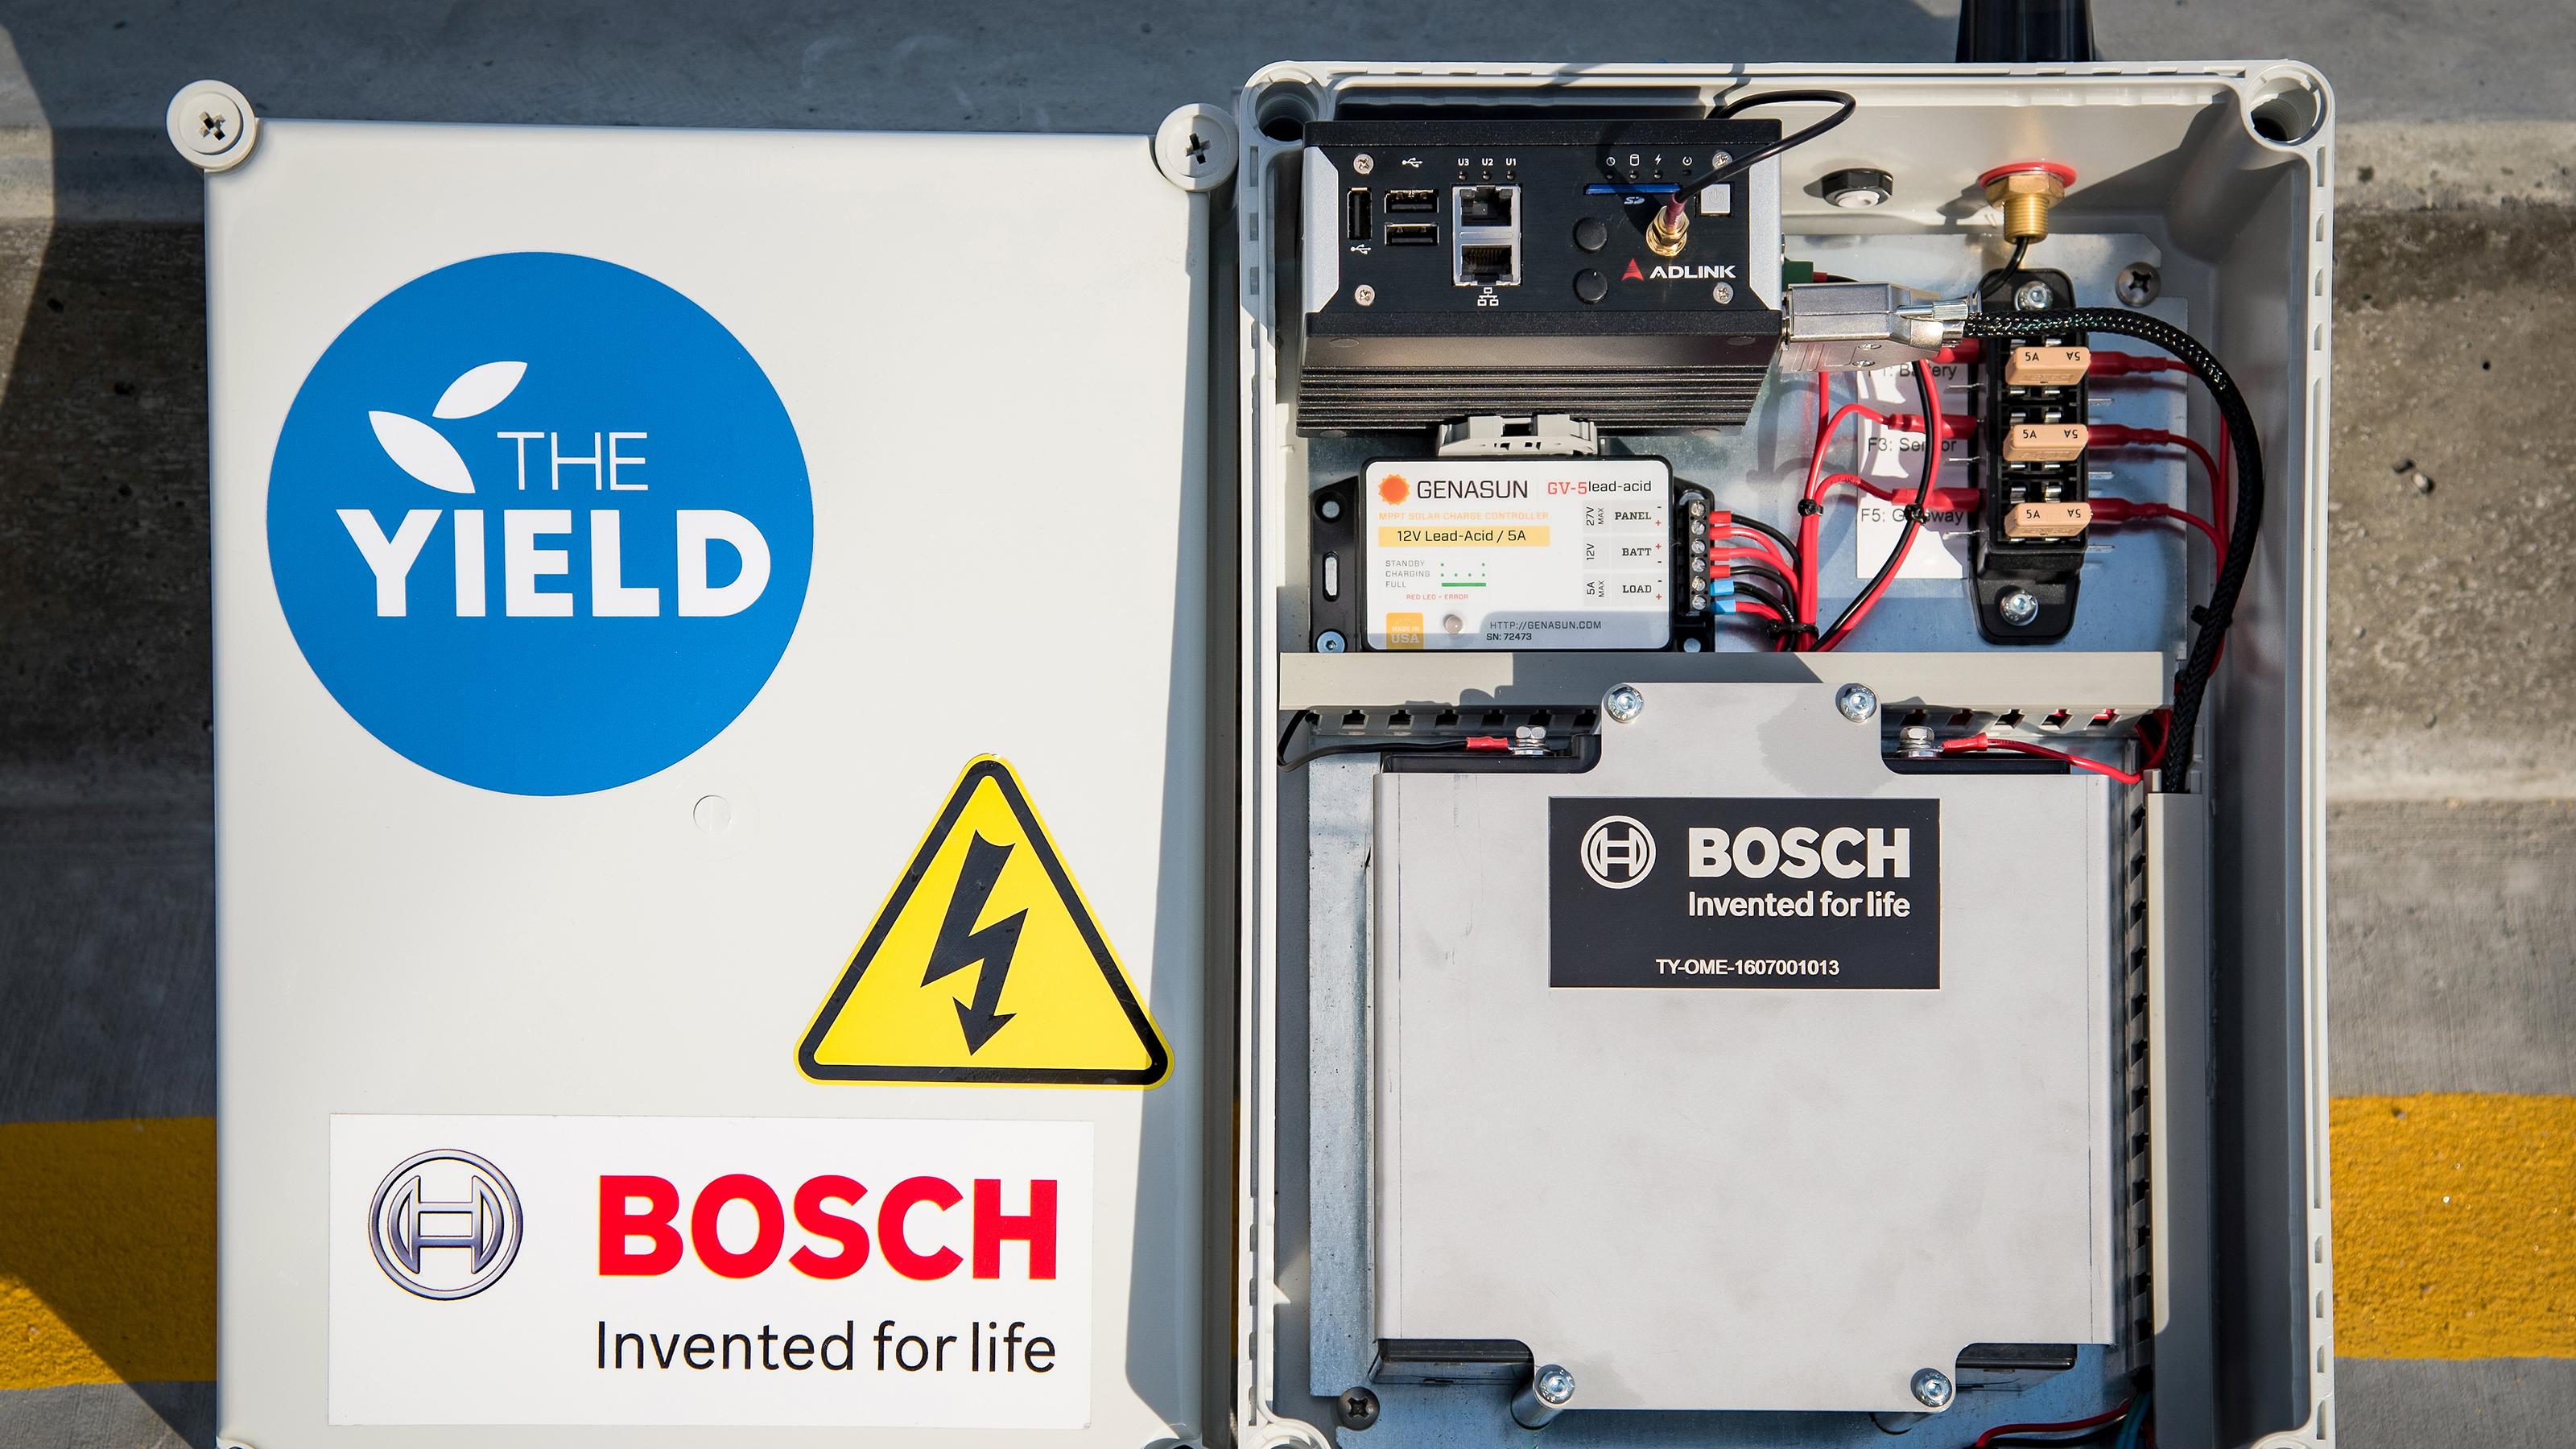 Liefert wertvolle Informationen: Messstation der Bosch ProSyst-IoT-Plattform